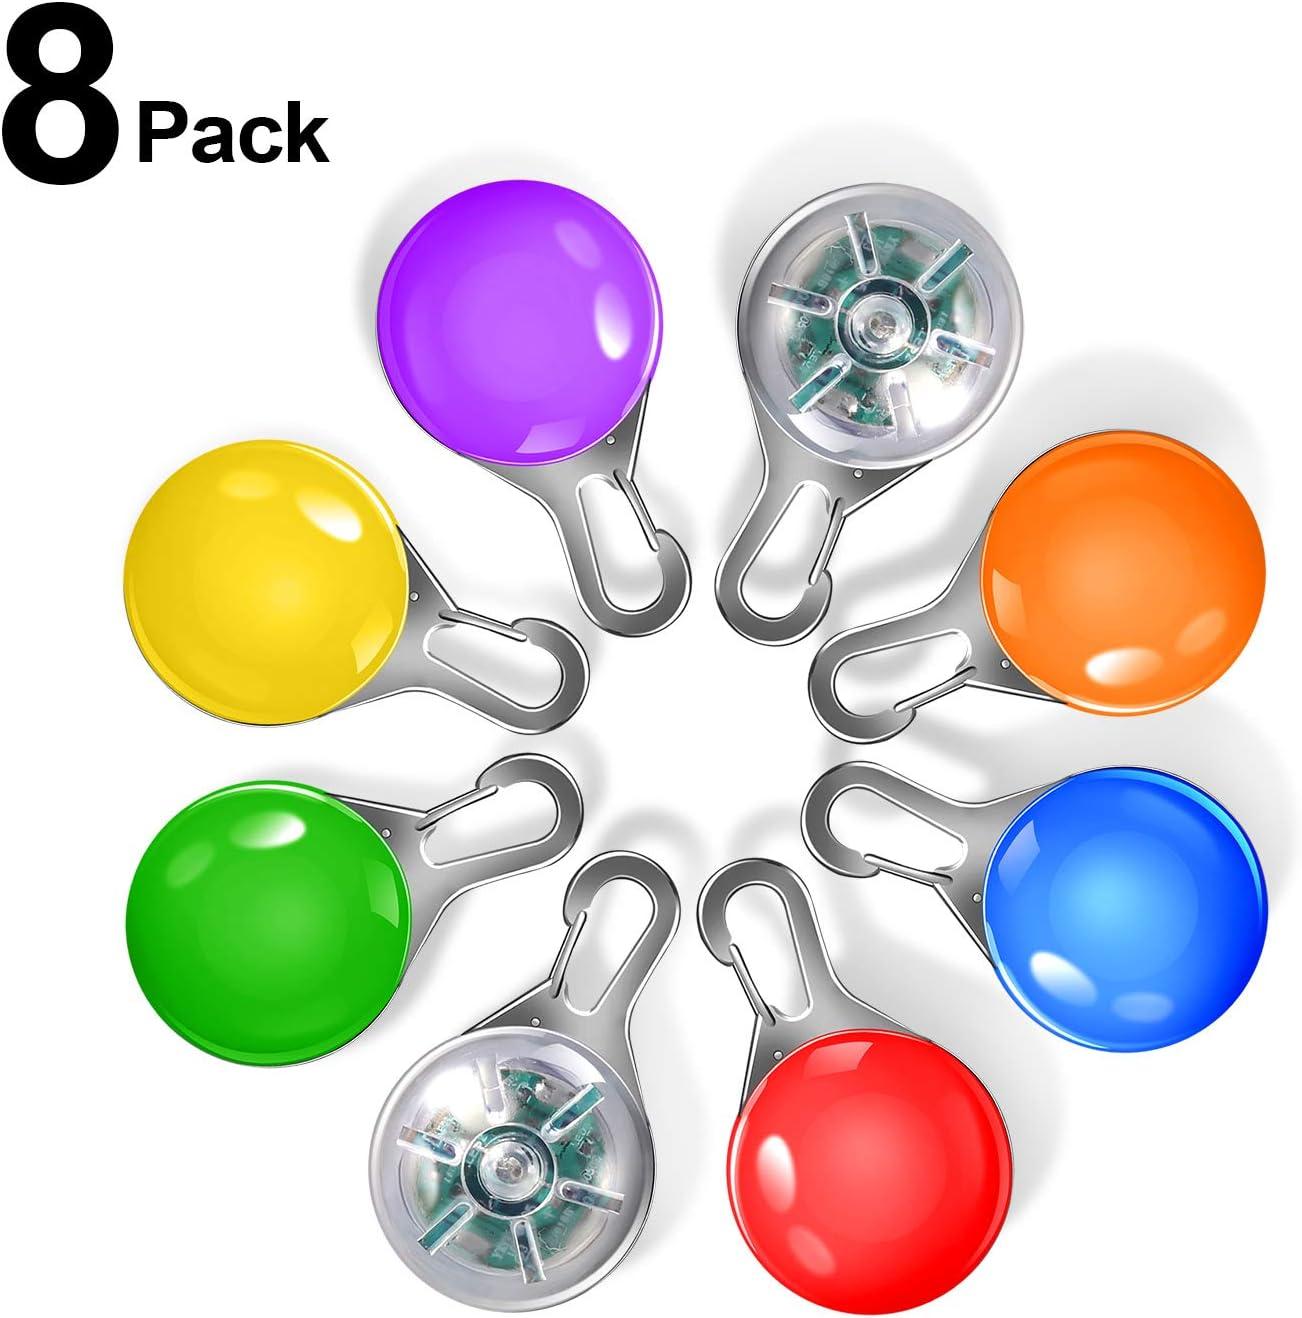 Collar Luces LED, Yosemy 8pcs Clip-On Pet Luz Luminoso de Noche Impermeable Luces de Colores de Seguridad con Etiquetas de Identificación para Perros y Gatos para La Noche Caminar